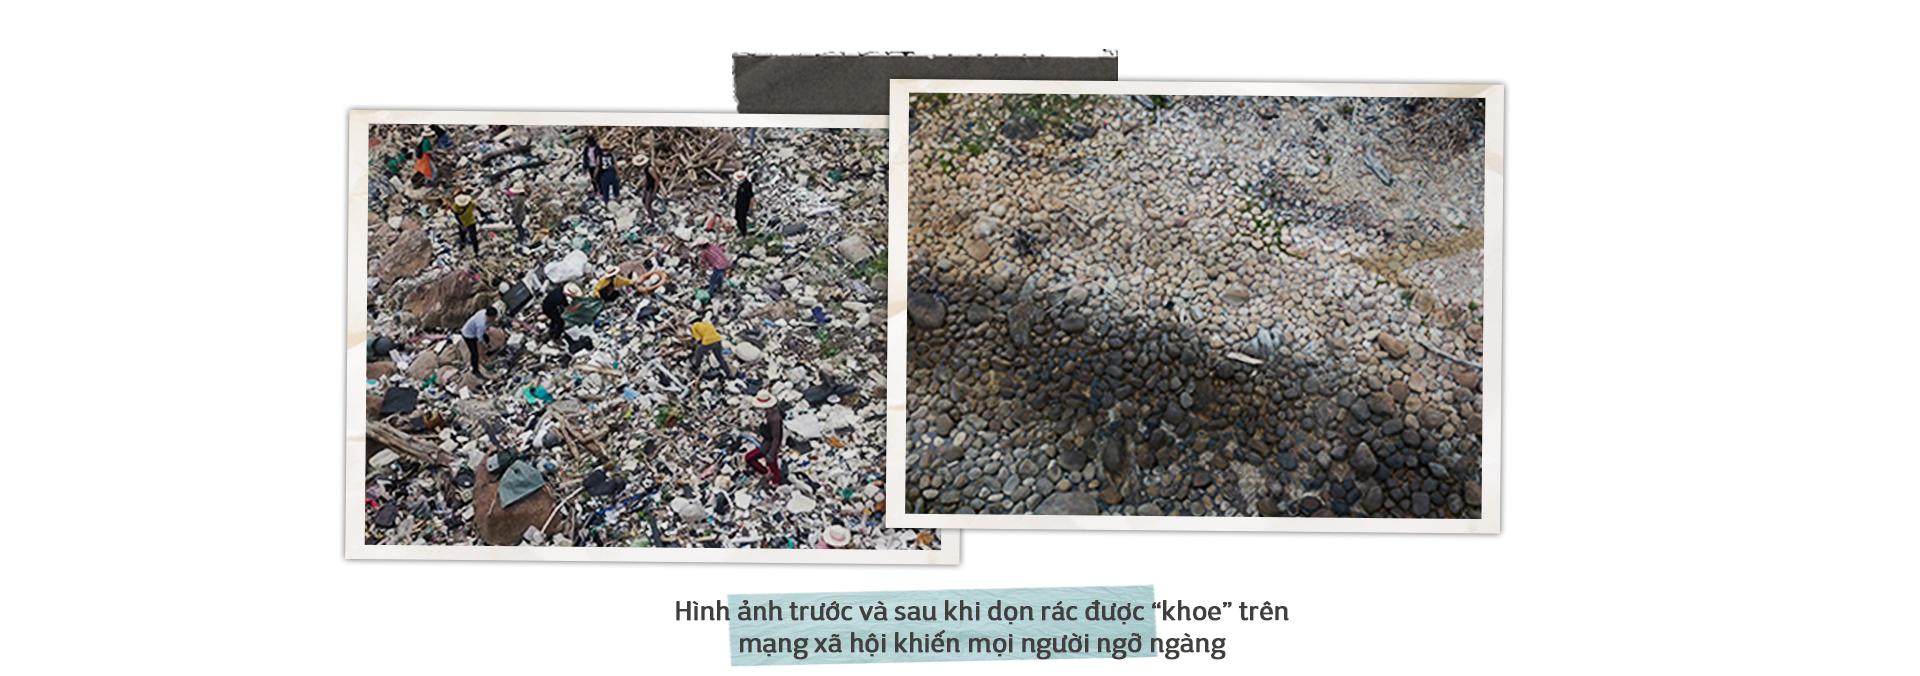 Những câu chuyện nóng hổi tạo trend trong giới trẻ Việt 2019 - Ảnh 11.